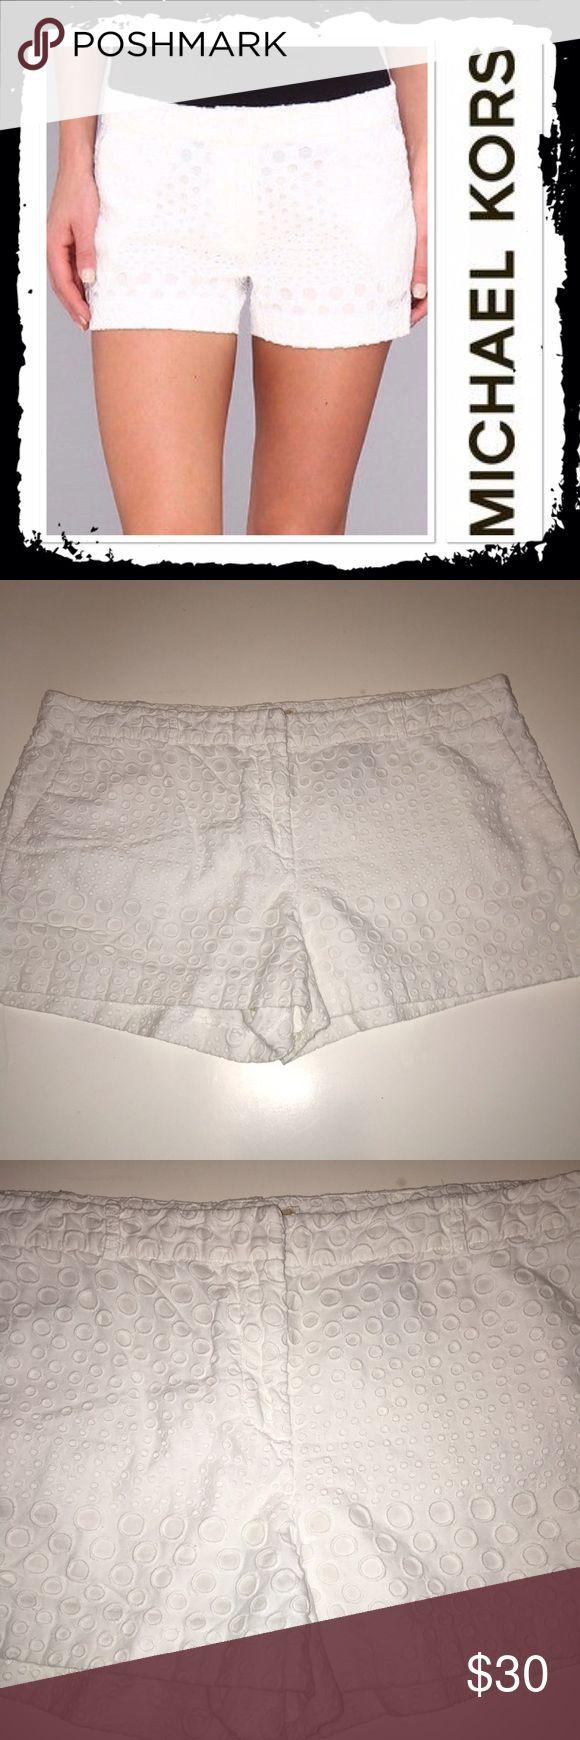 Michael Kors white eyelet shorts Size 16 gorgeous white eyelet shorts in excellent condition Michael Kors Shorts